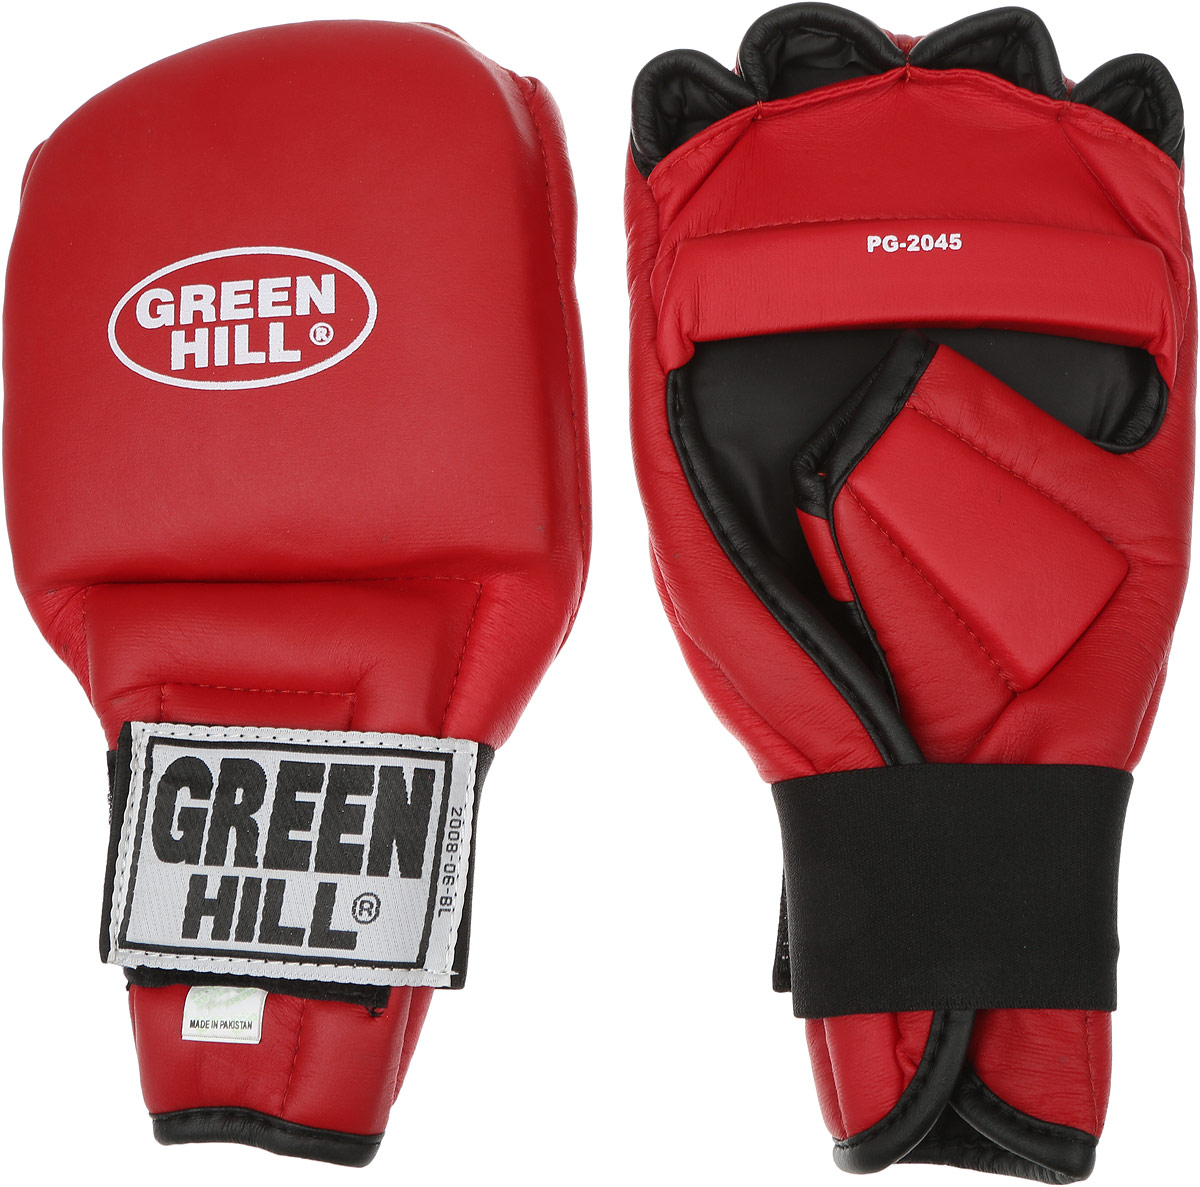 Перчатки для рукопашного боя Green Hill, цвет: красный, черный. Размер XL. PG-2045BGS-2039Перчатки для рукопашного боя Green Hill произведены из высококачественной искусственной кожи. Подойдут для занятий кунг-фу. Конструкция предусматривает открытые пальцы — необходимый атрибут для проведения захватов. Манжеты на липучках позволяют быстро снимать и надевать перчатки без каких-либо неудобств. Анатомическая посадка предохраняет руки от повреждений.